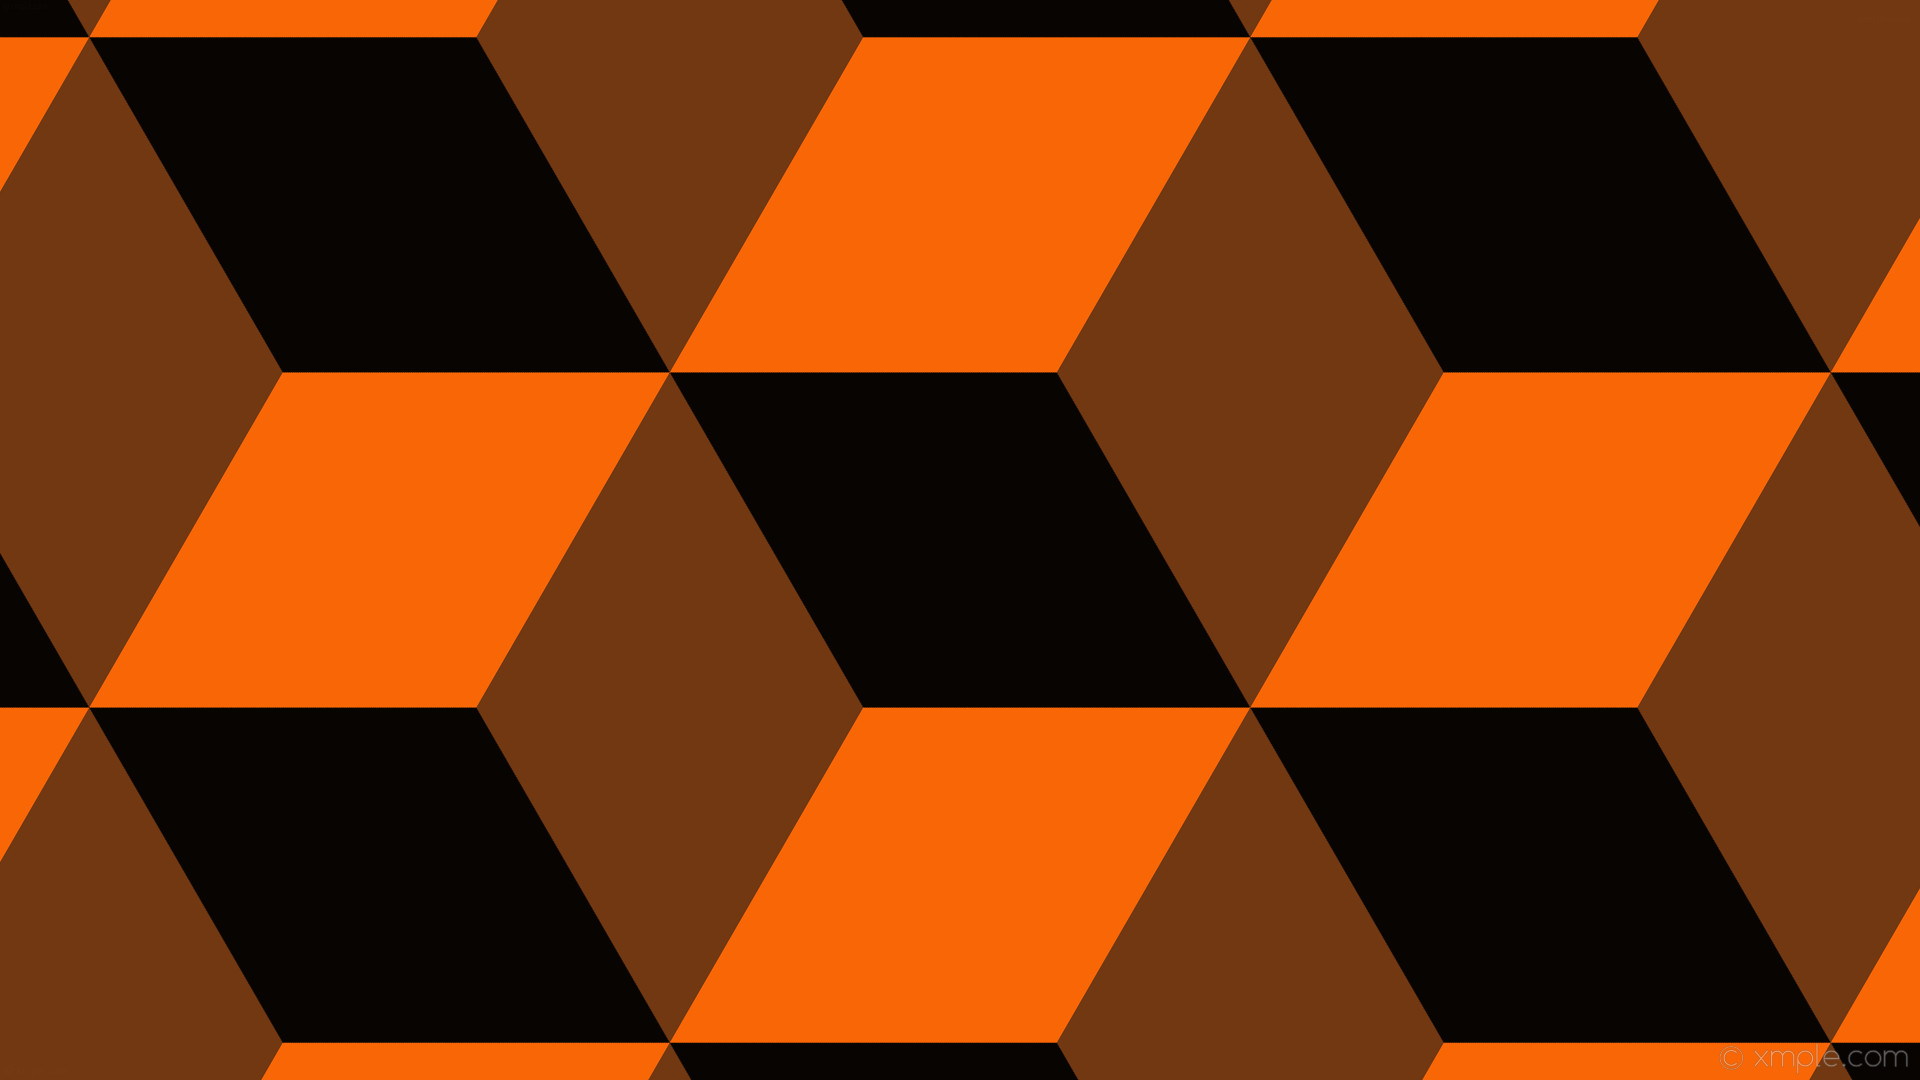 wallpaper orange 3d cubes black #070402 #723812 #f96606 330° 387px